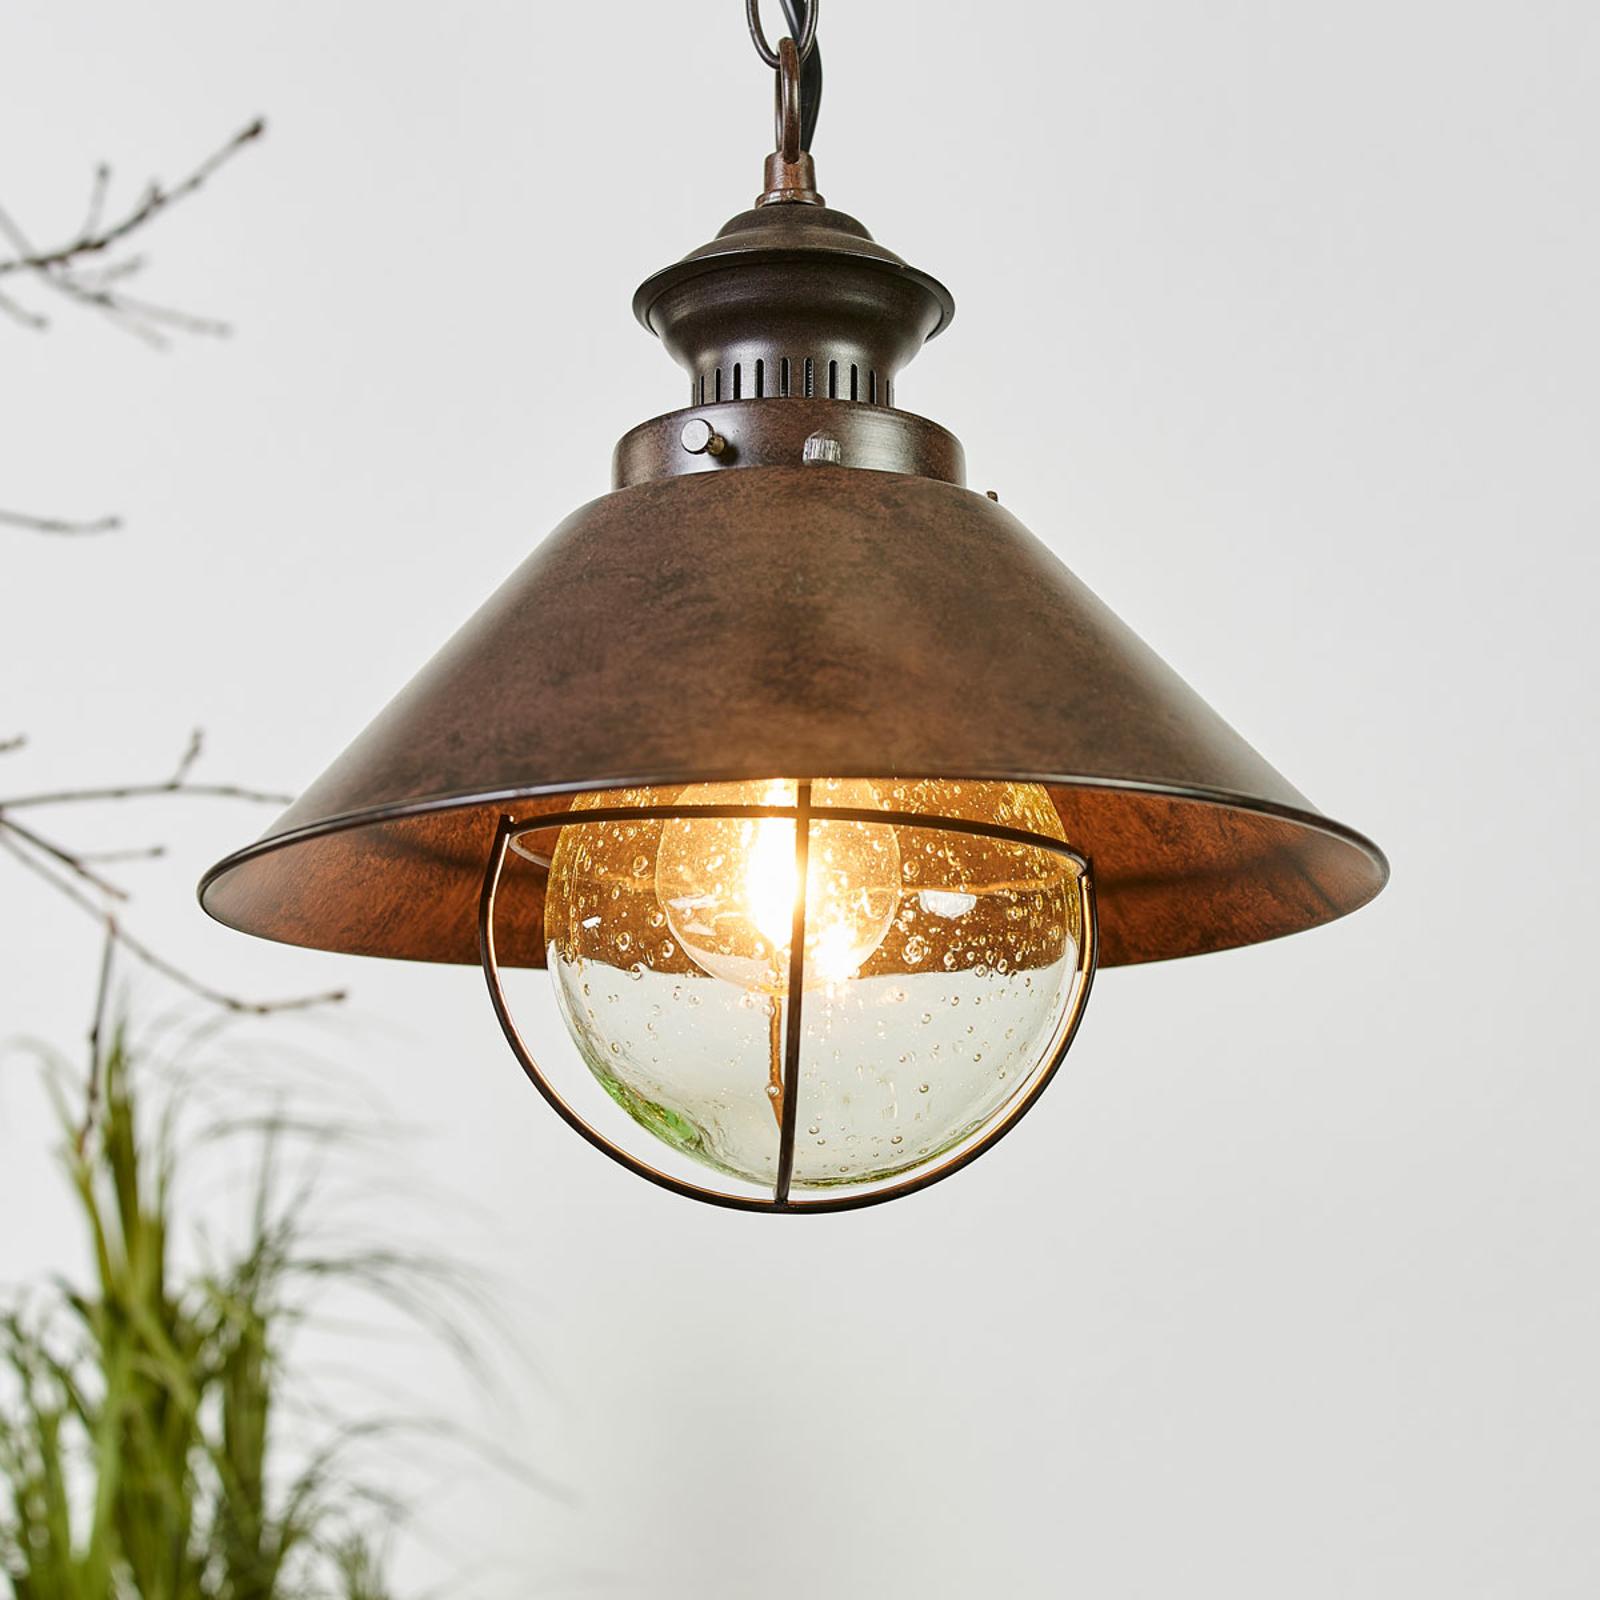 Nautica Pendant Lamp in Antique Look_3505155_1